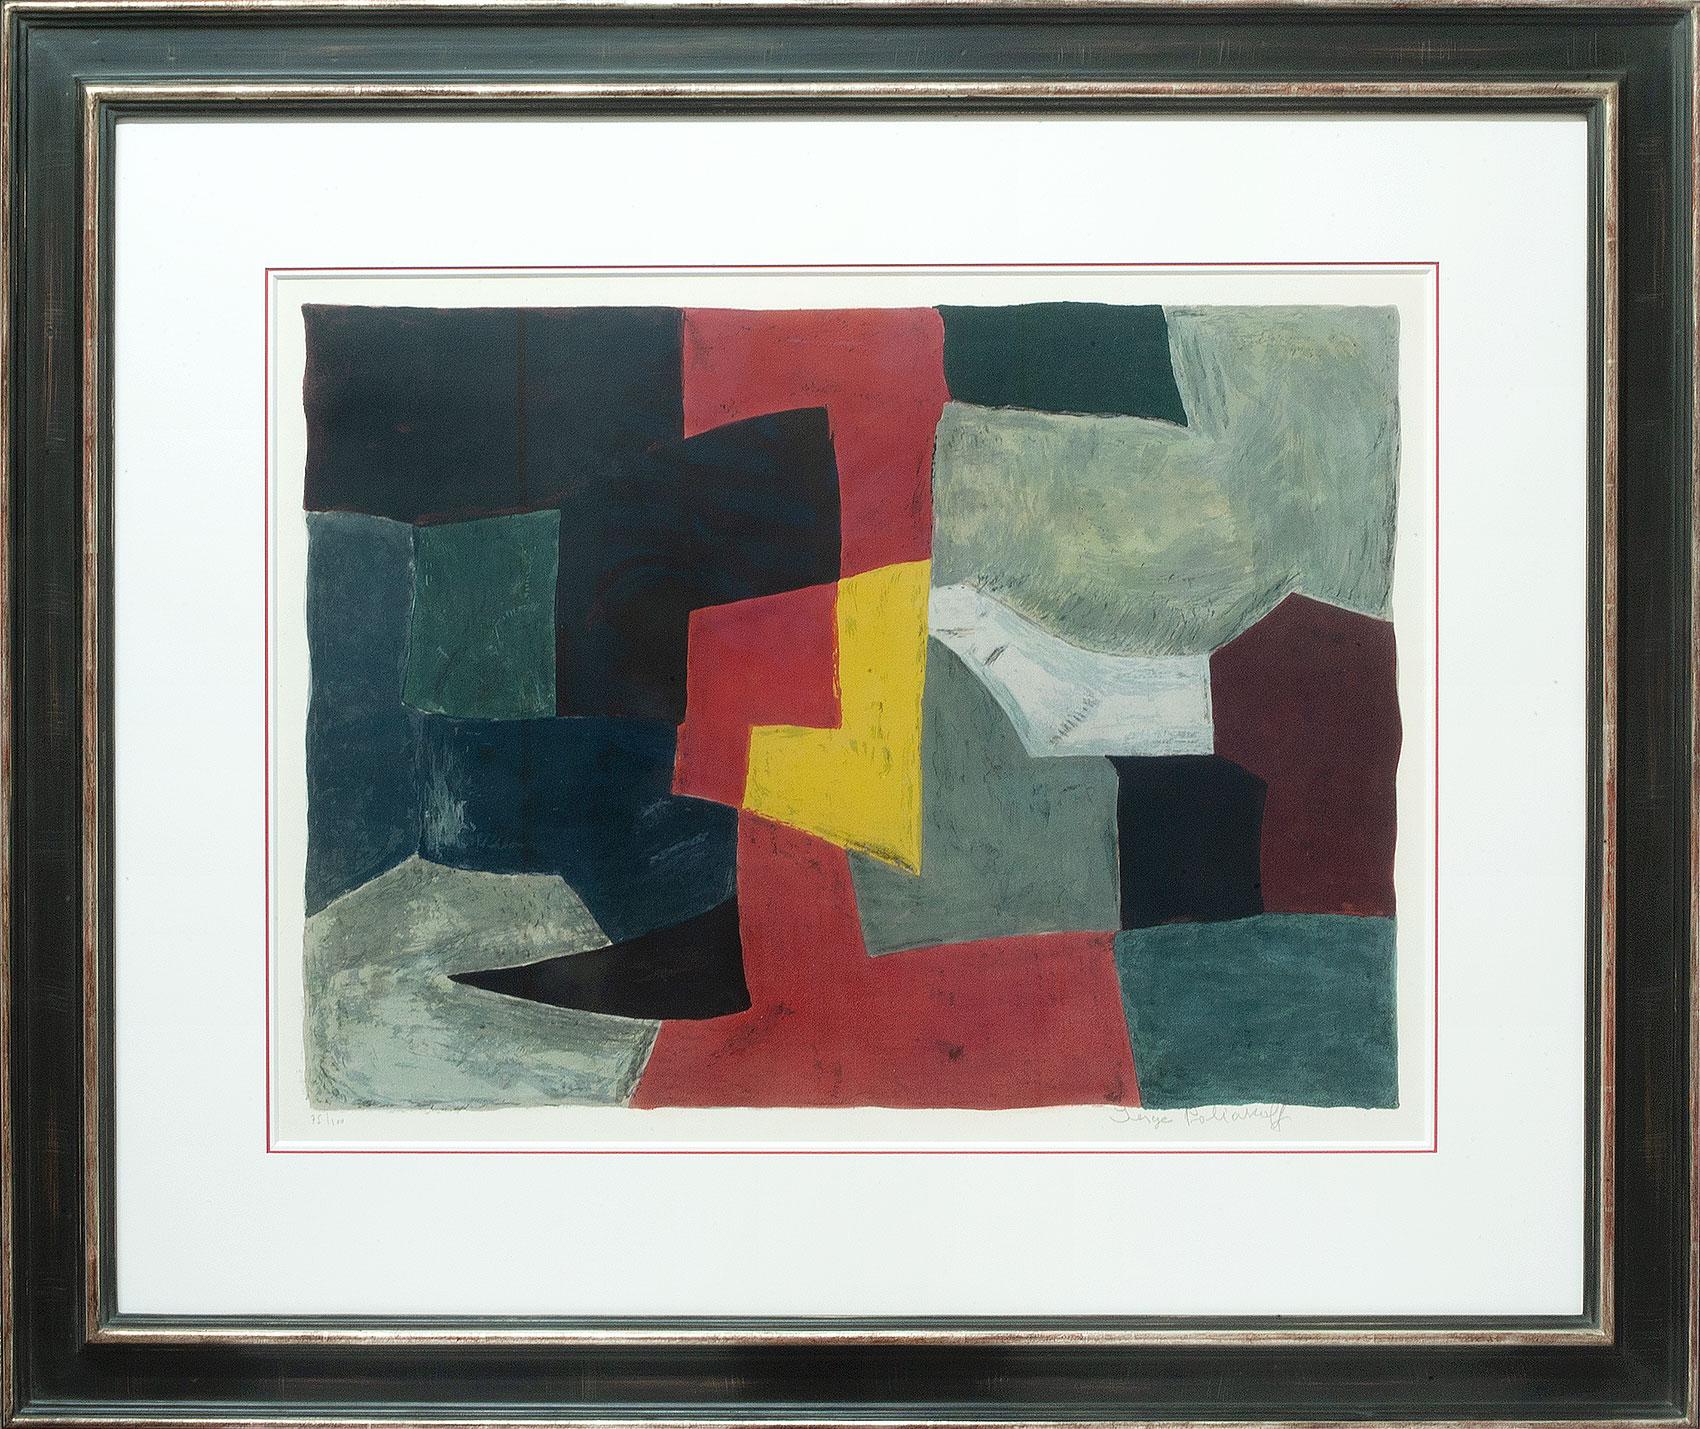 Serge Poliakoff, Composition grise rouge et jaune, Galerie Française